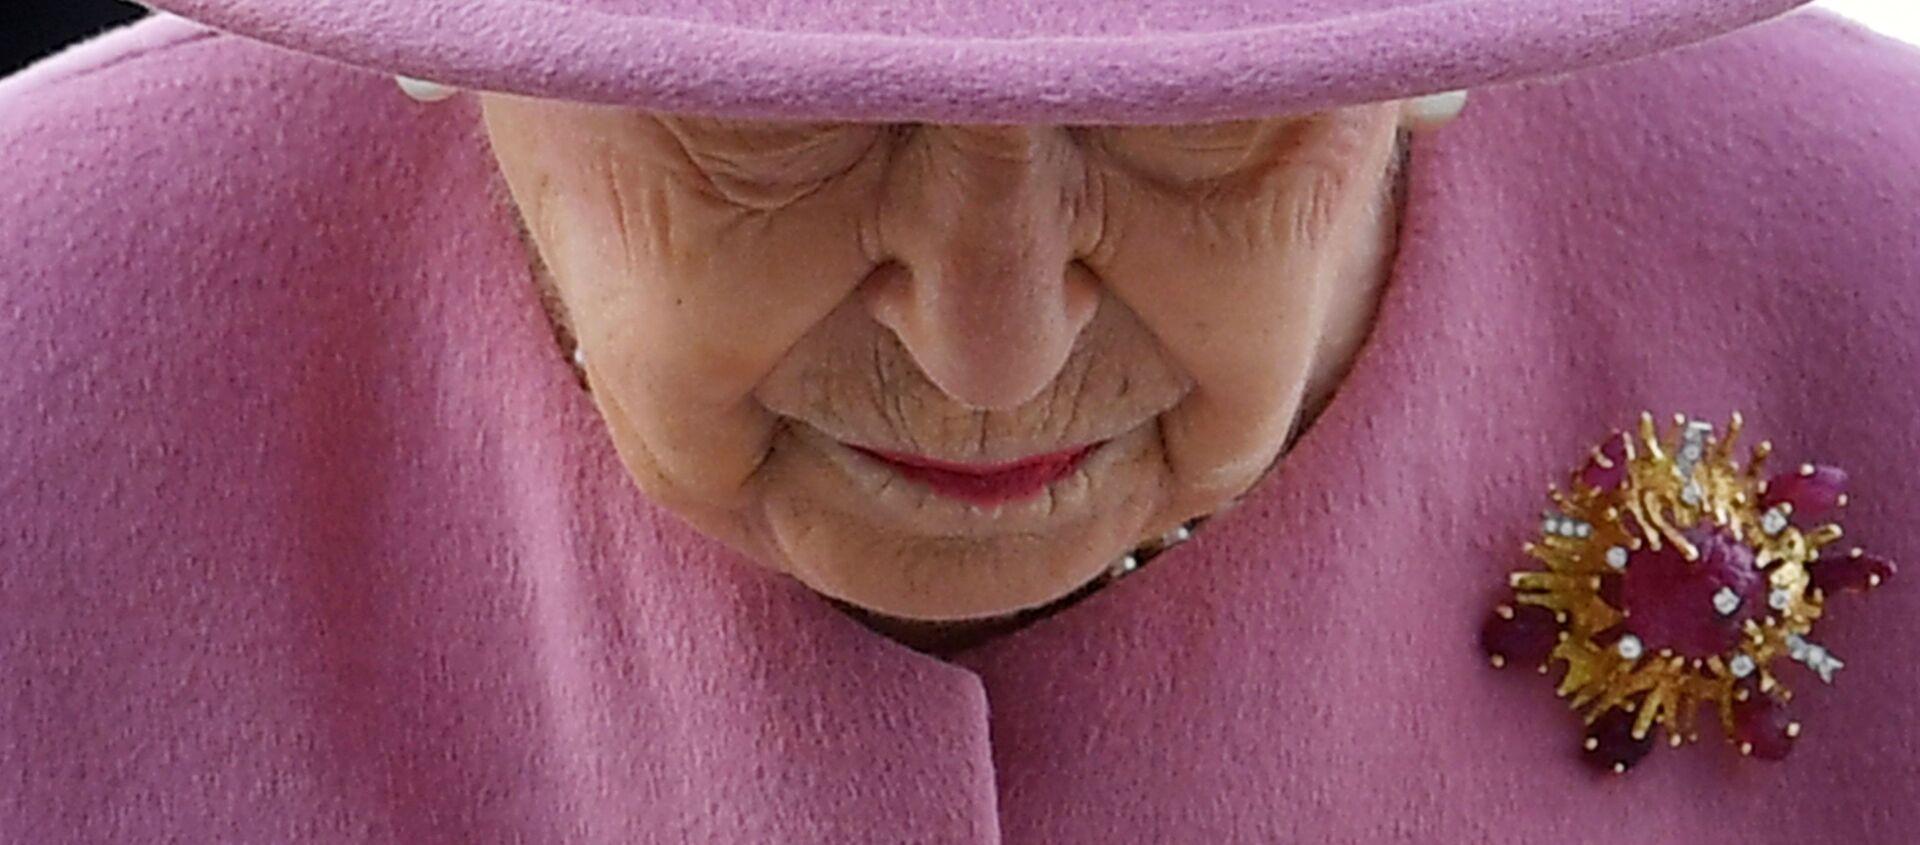 La reina británica Isabel II - Sputnik Mundo, 1920, 31.10.2020